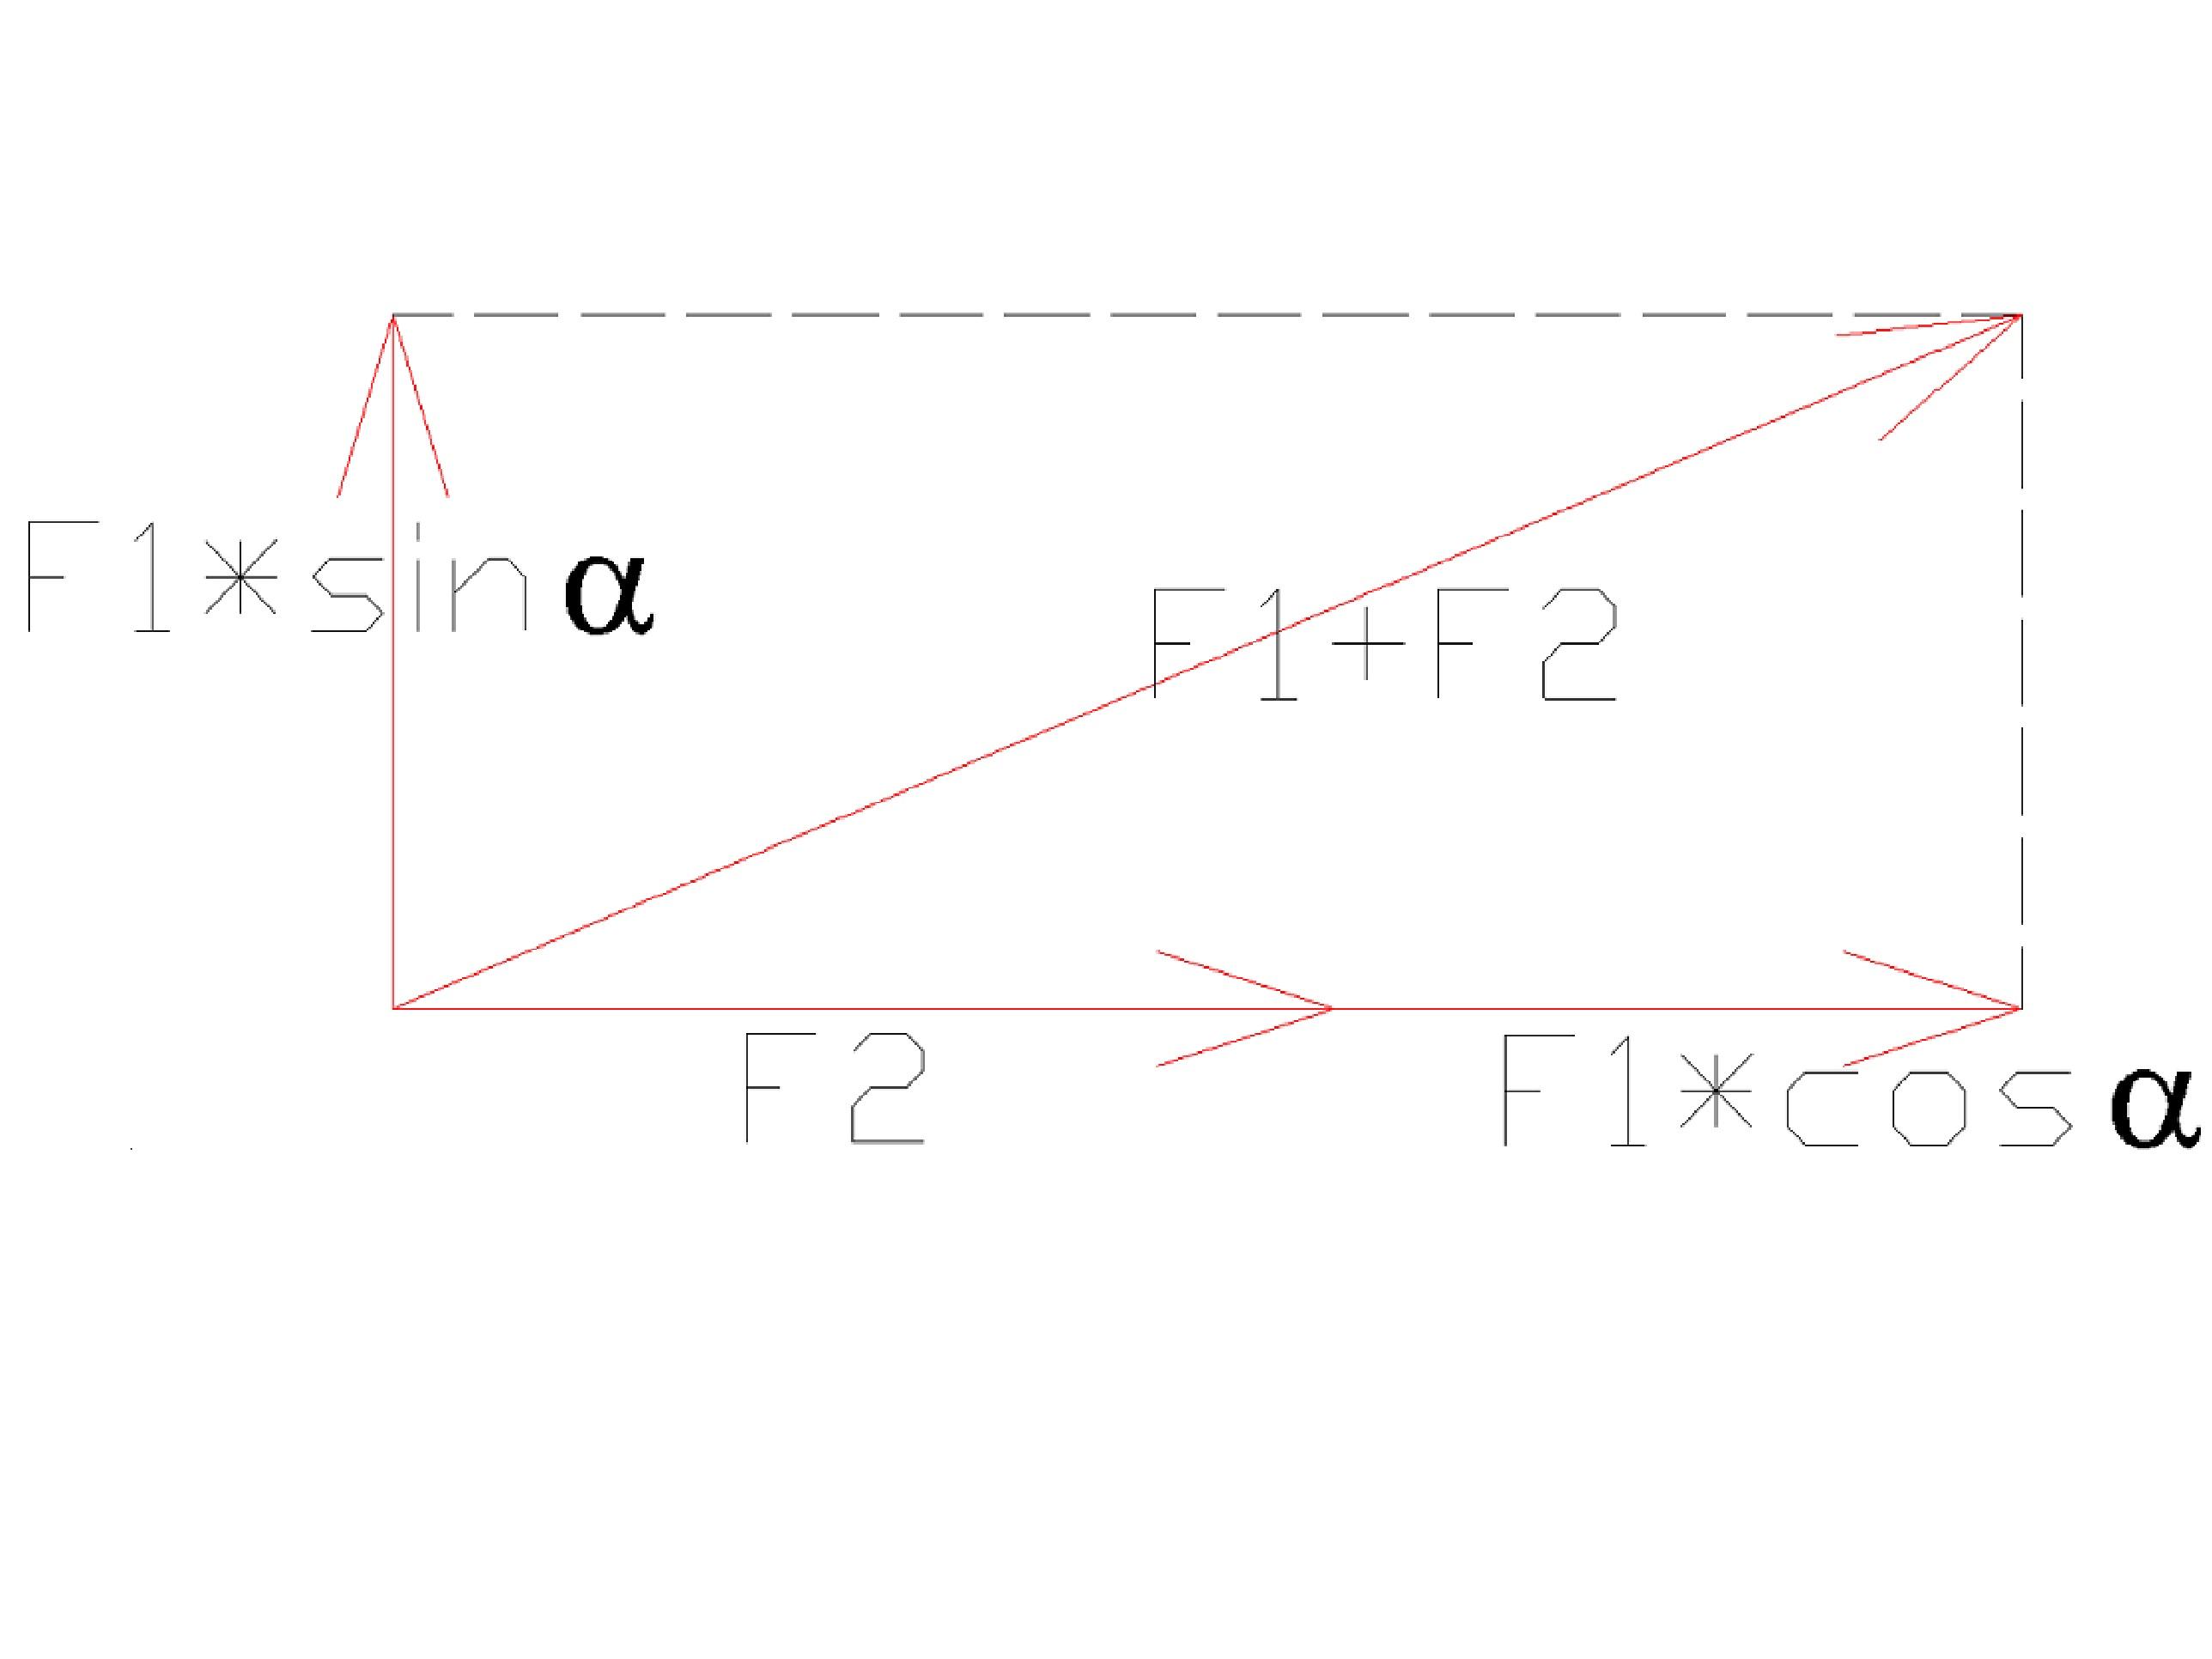 statyka10 - Dodawanie wektorów algebraicznie i skalarnie - podstawy